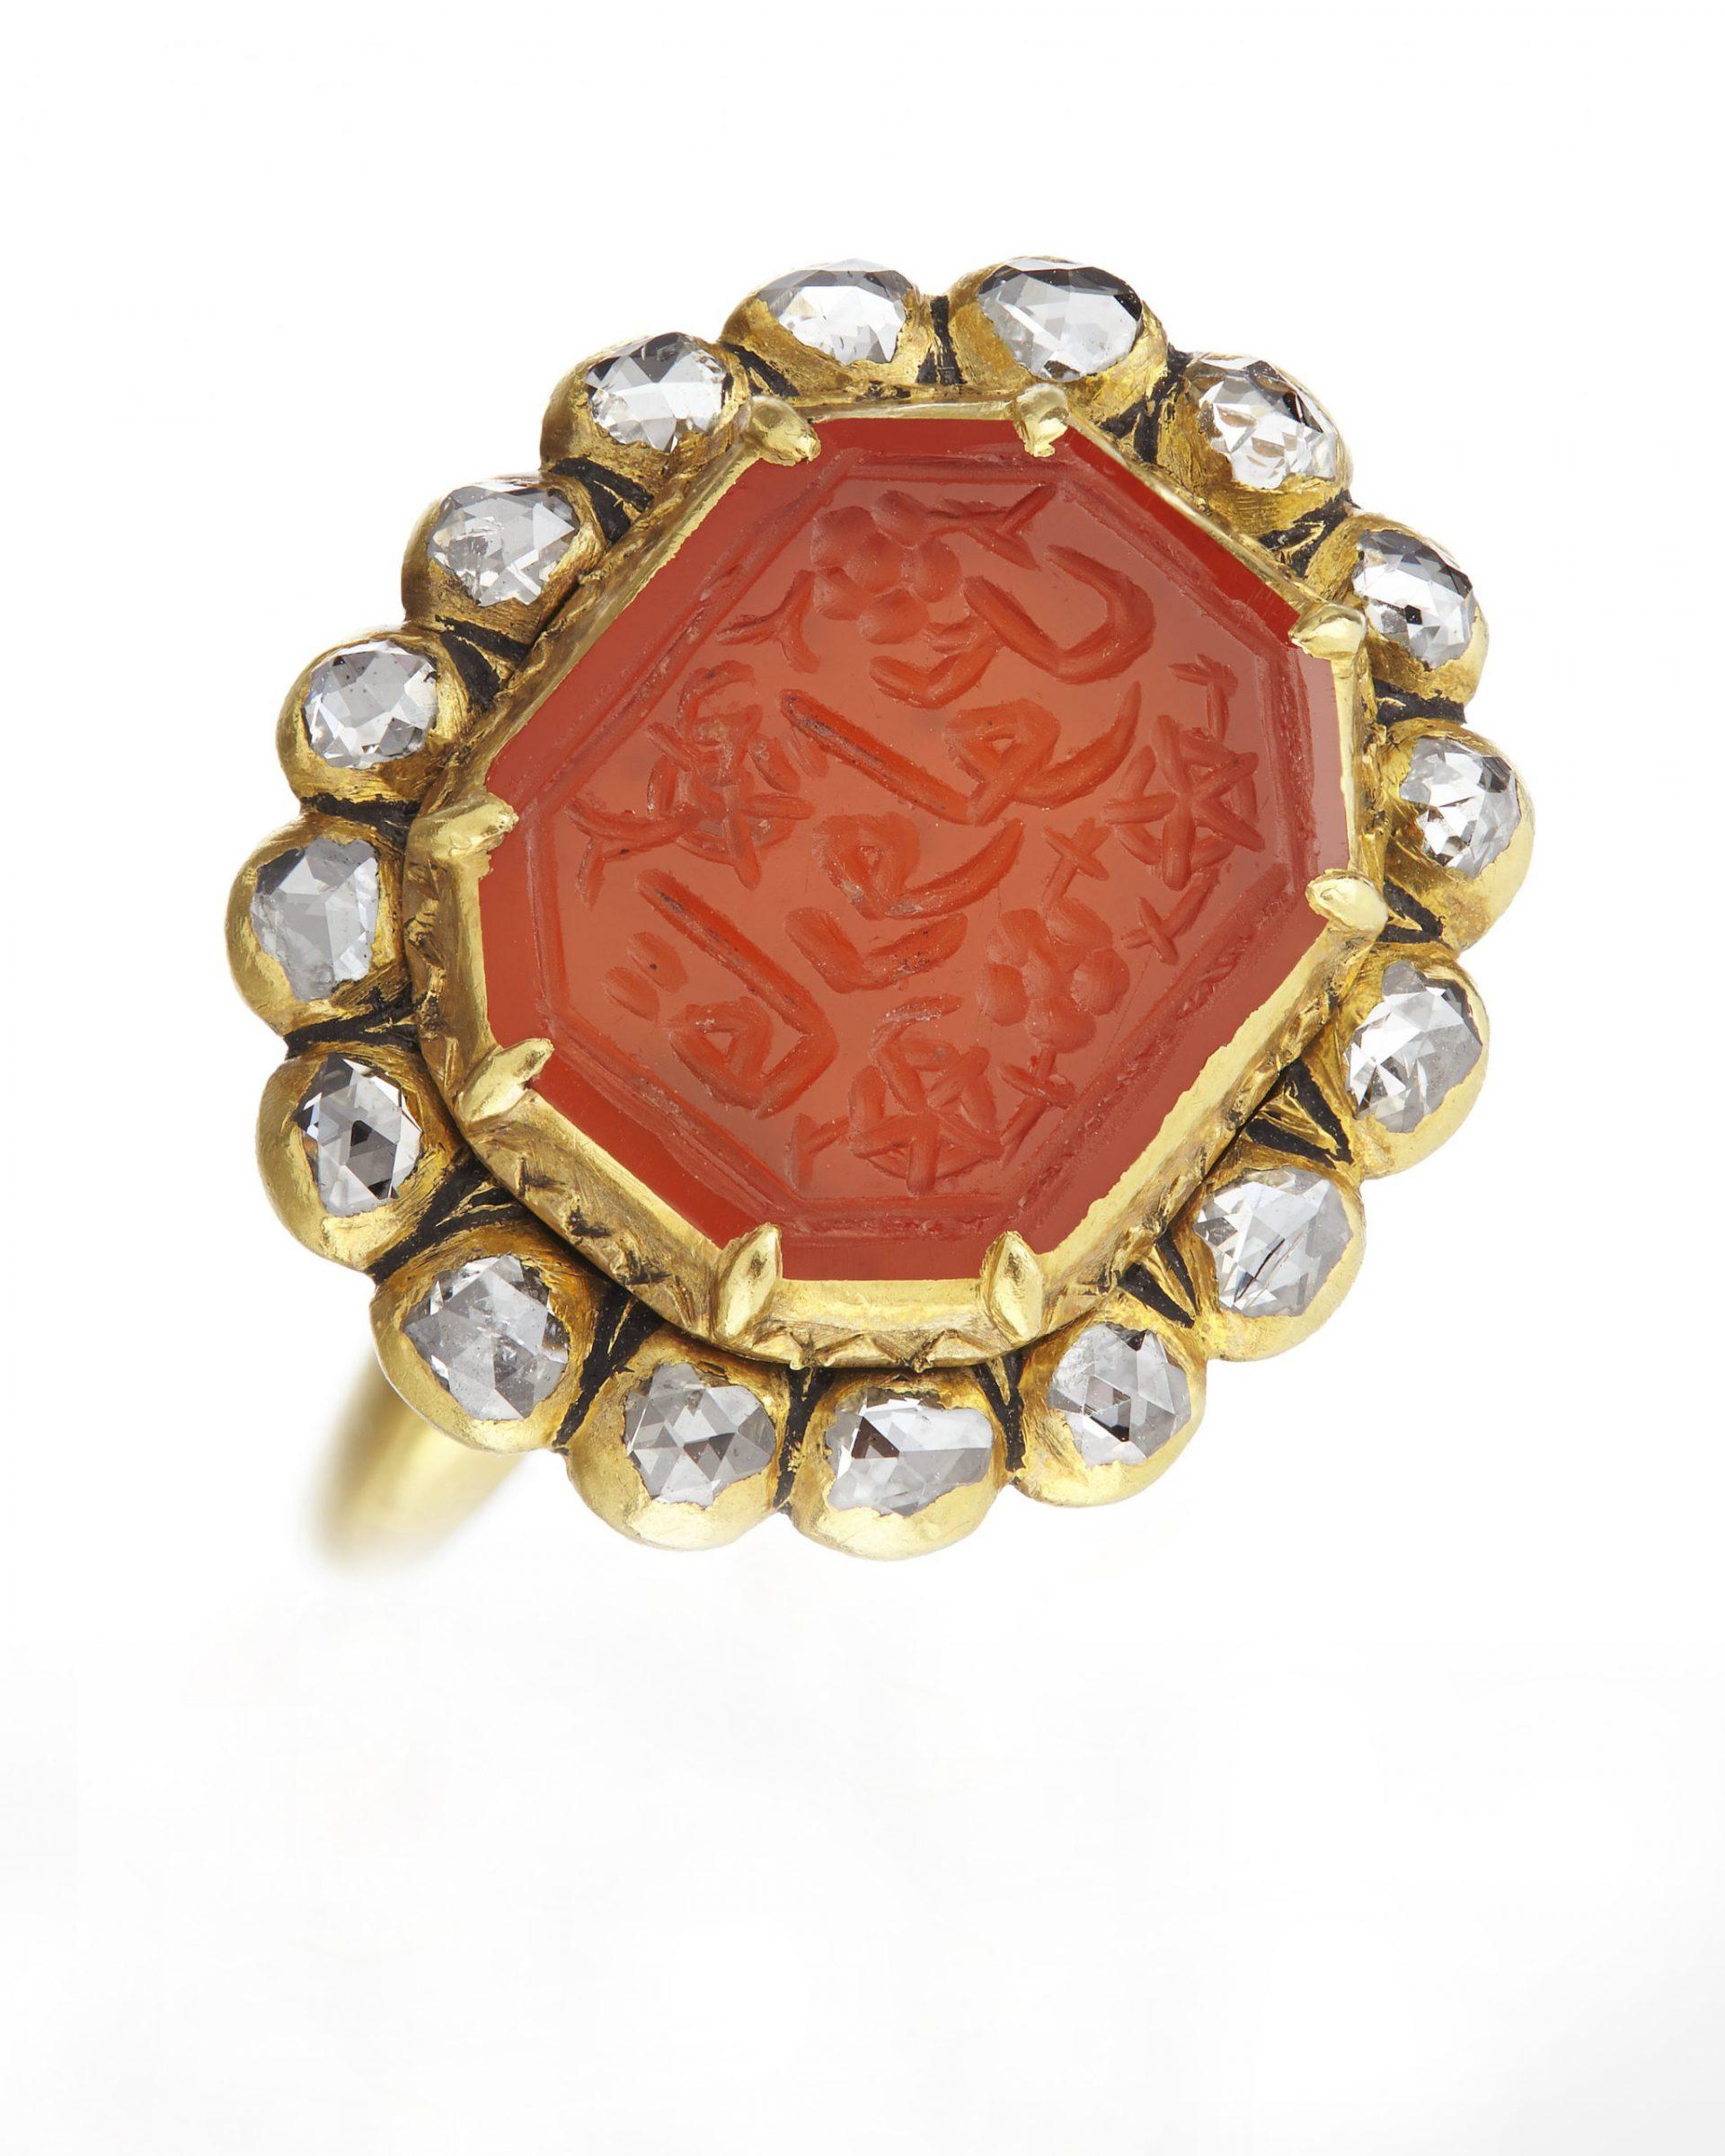 Guldring med ädelsten runt om och en större röd sten med inskription på arabiska.